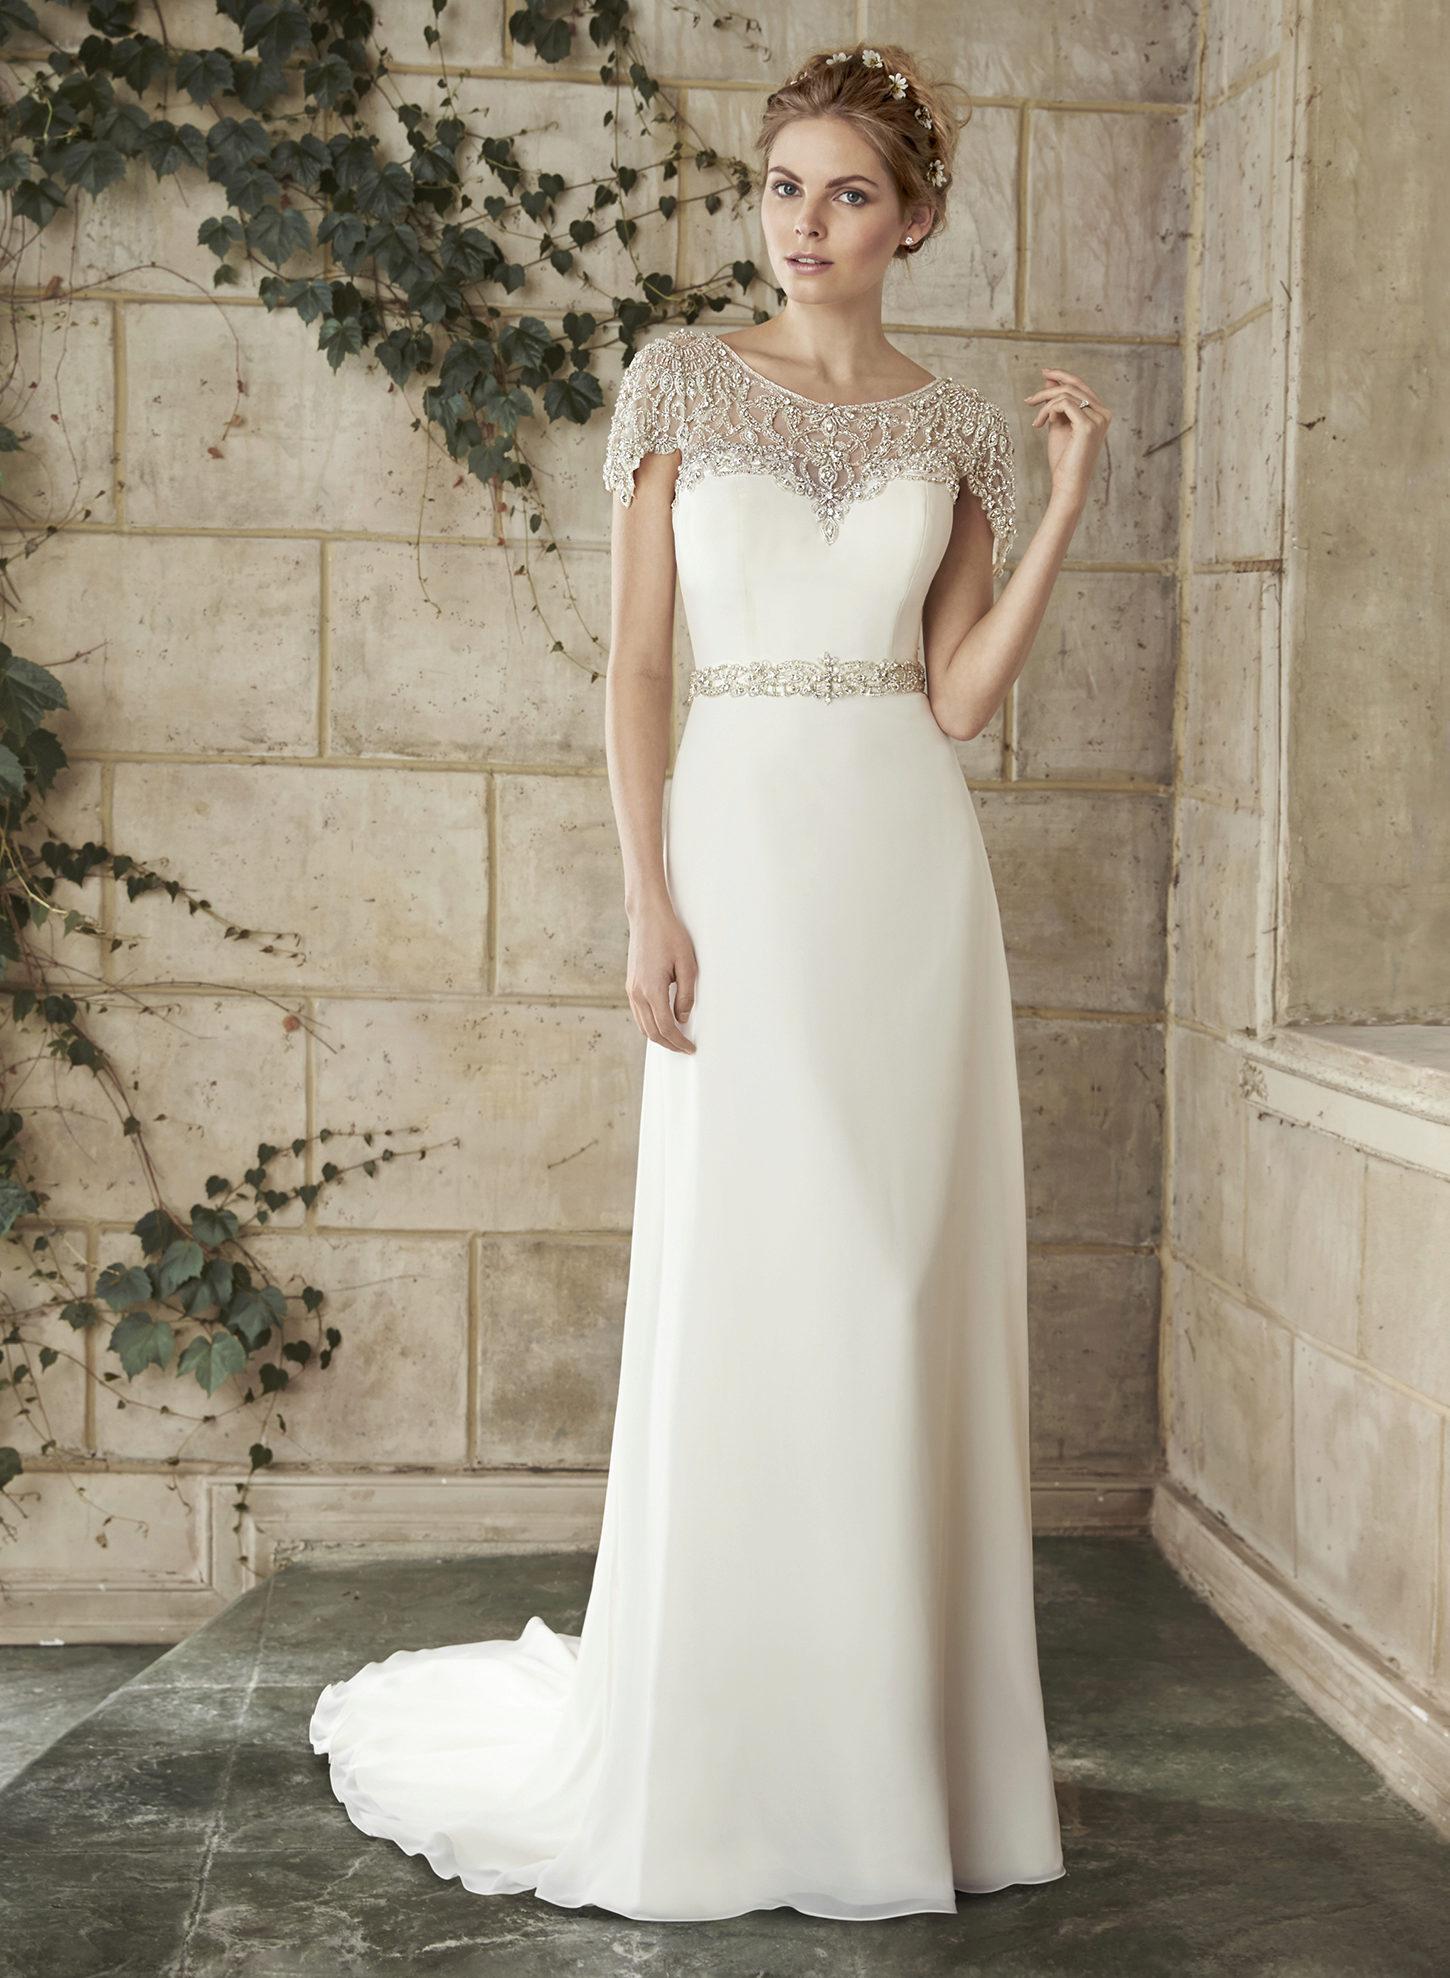 4e2401e2e00 Свадебные платья для второго брака  идеи образов для второй свадьбы ...